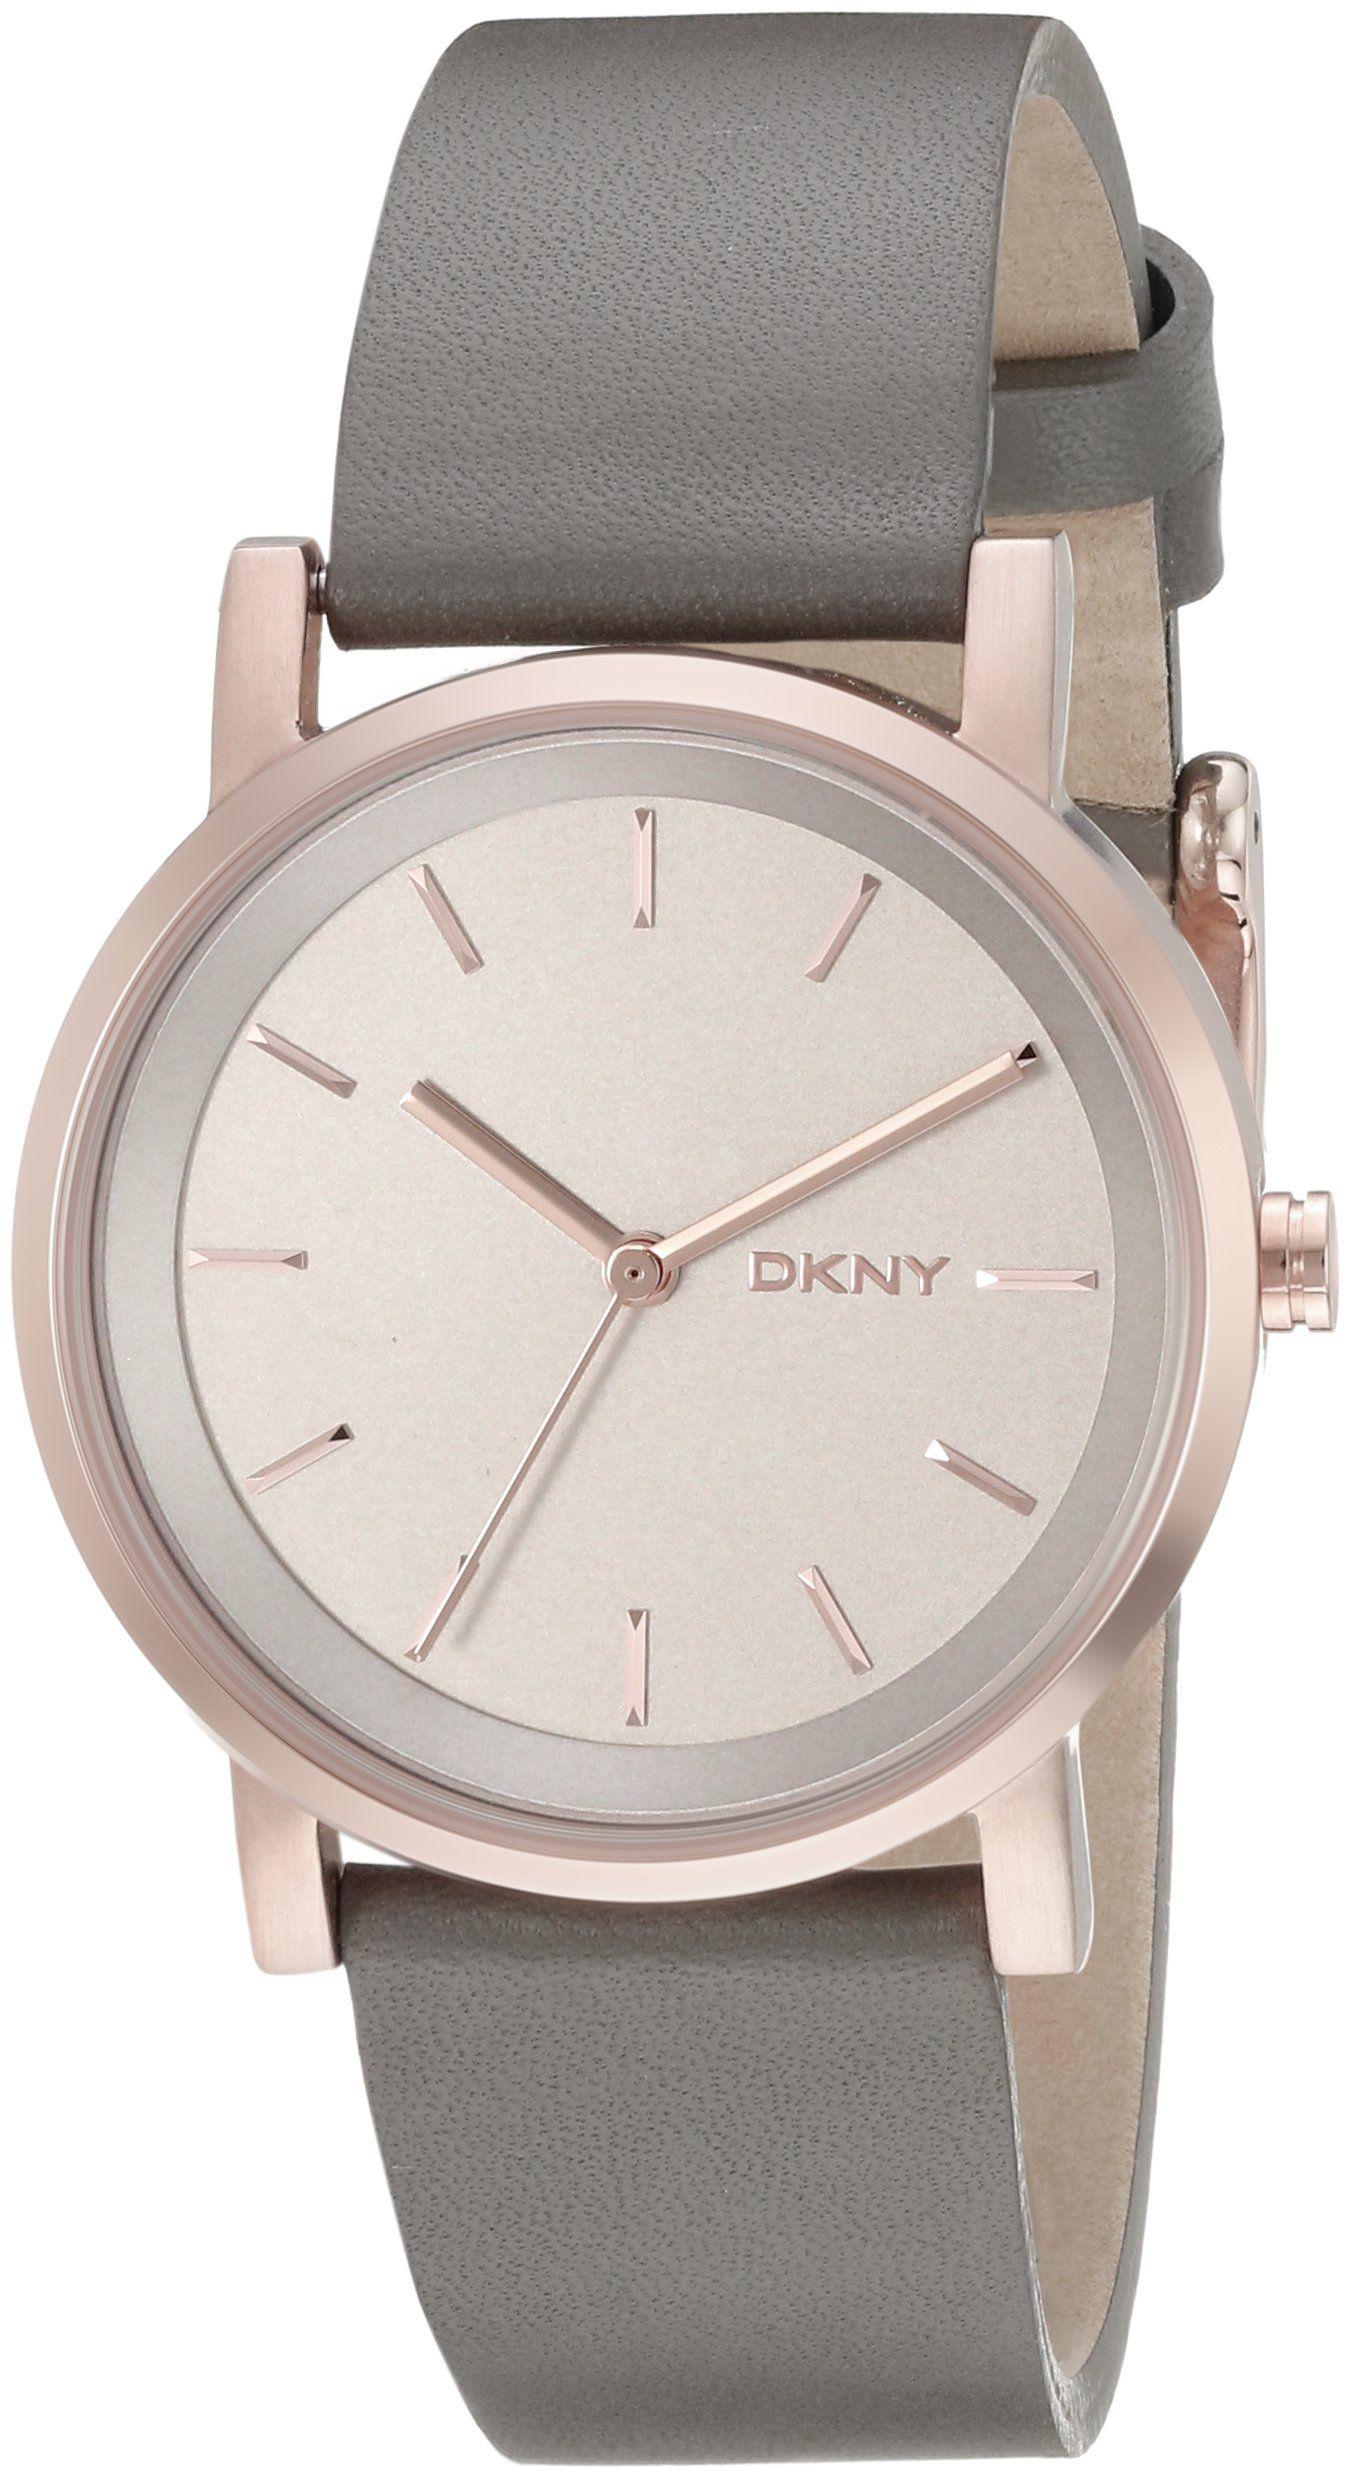 2a75ba08199a Amazon.com  DKNY Women s NY2341 SOHO Grey Watch  Dkny  Watches